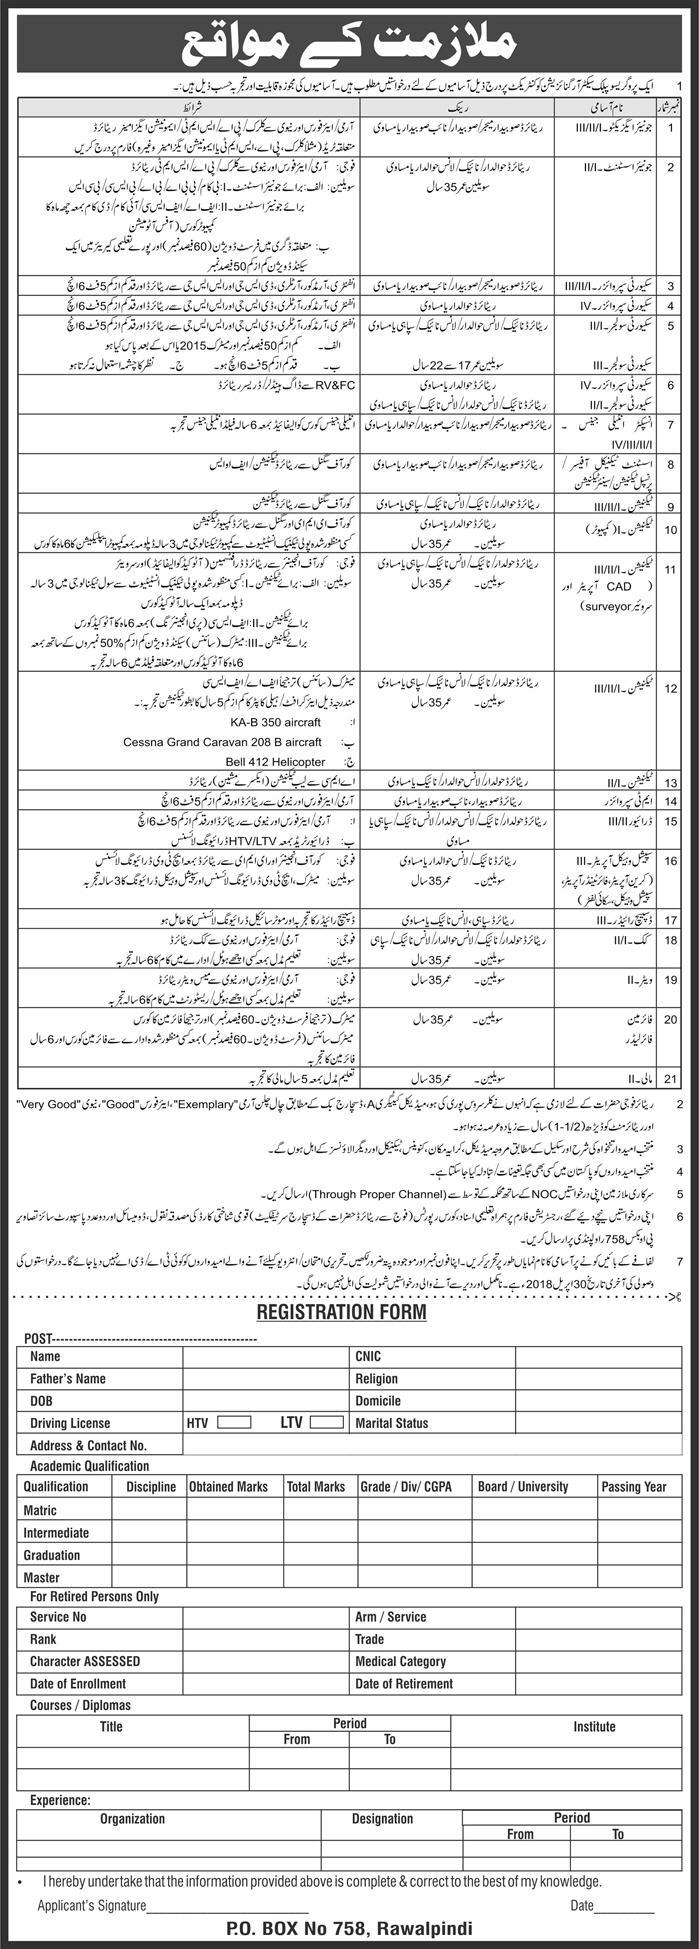 Latest jobs in Pakistan Atomic energy 2018